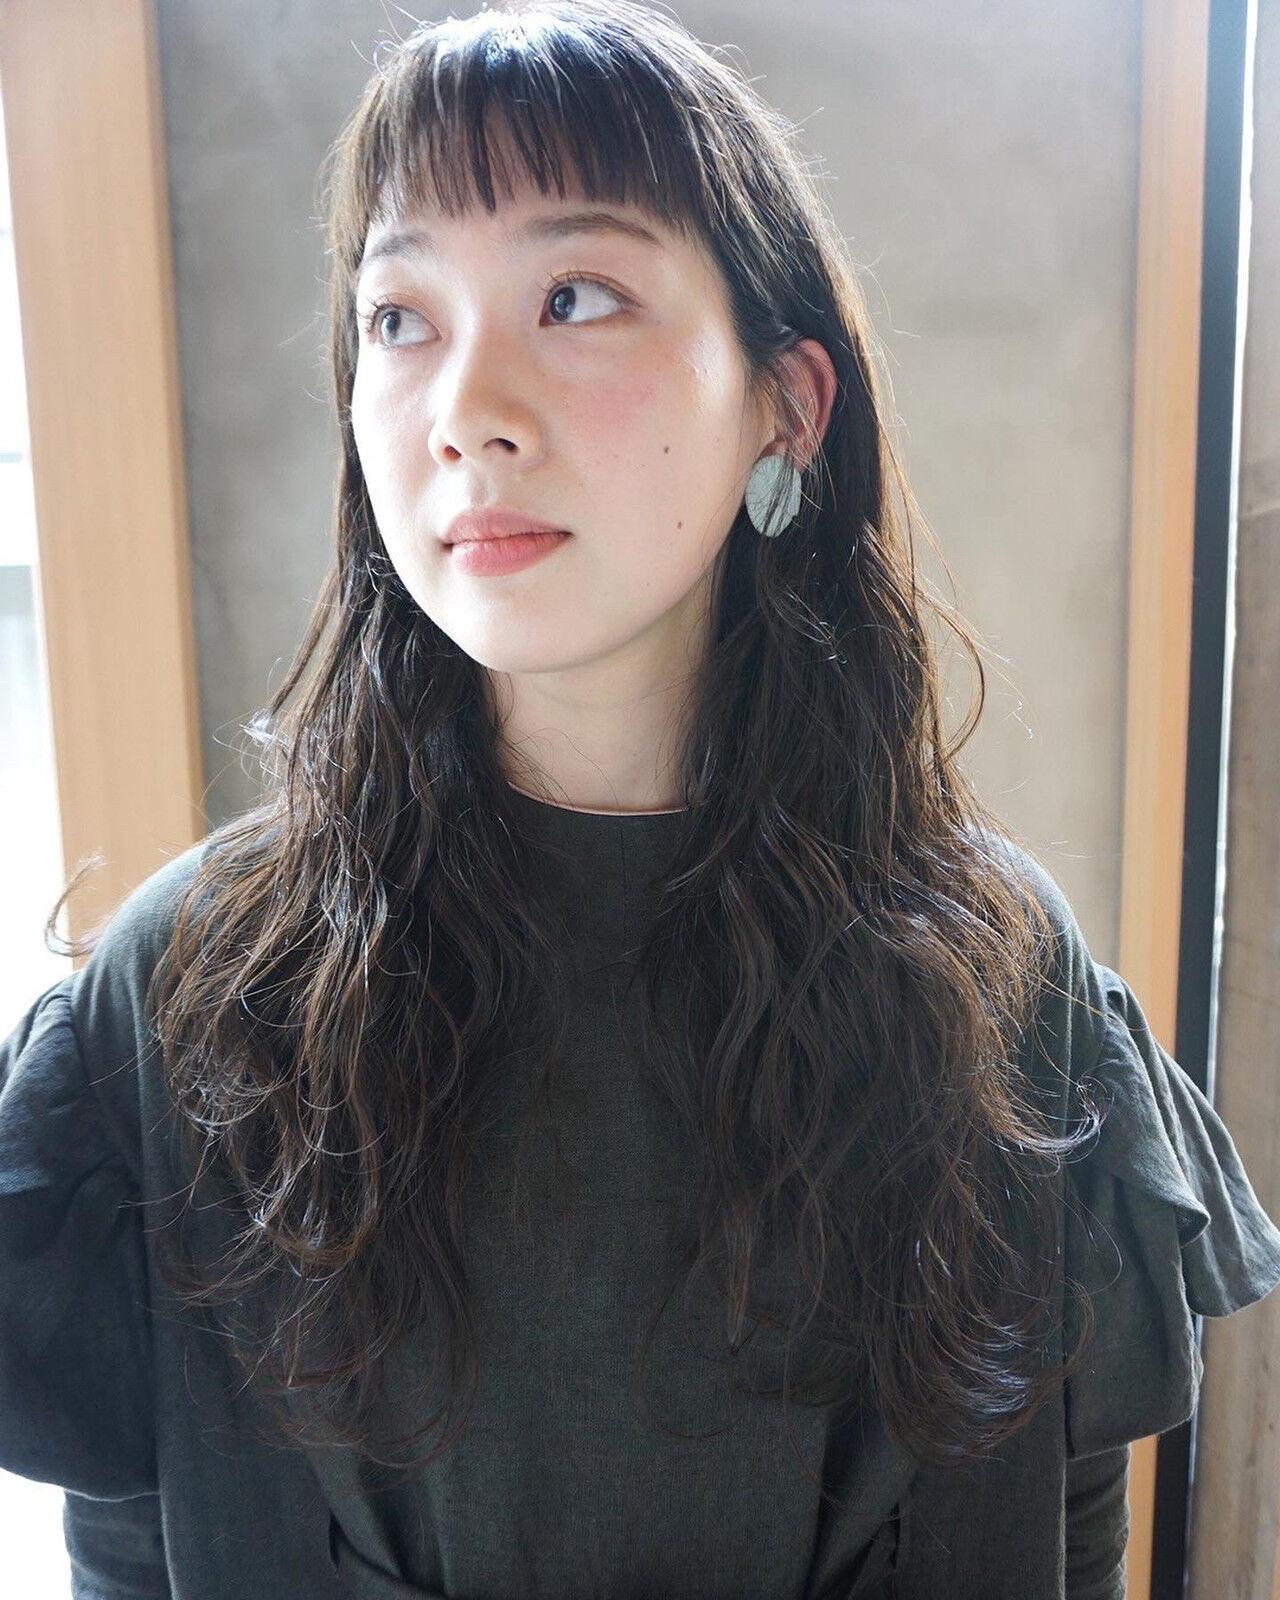 ロング くすみカラー ナチュラル 透明感 ヘアスタイルや髪型の写真・画像